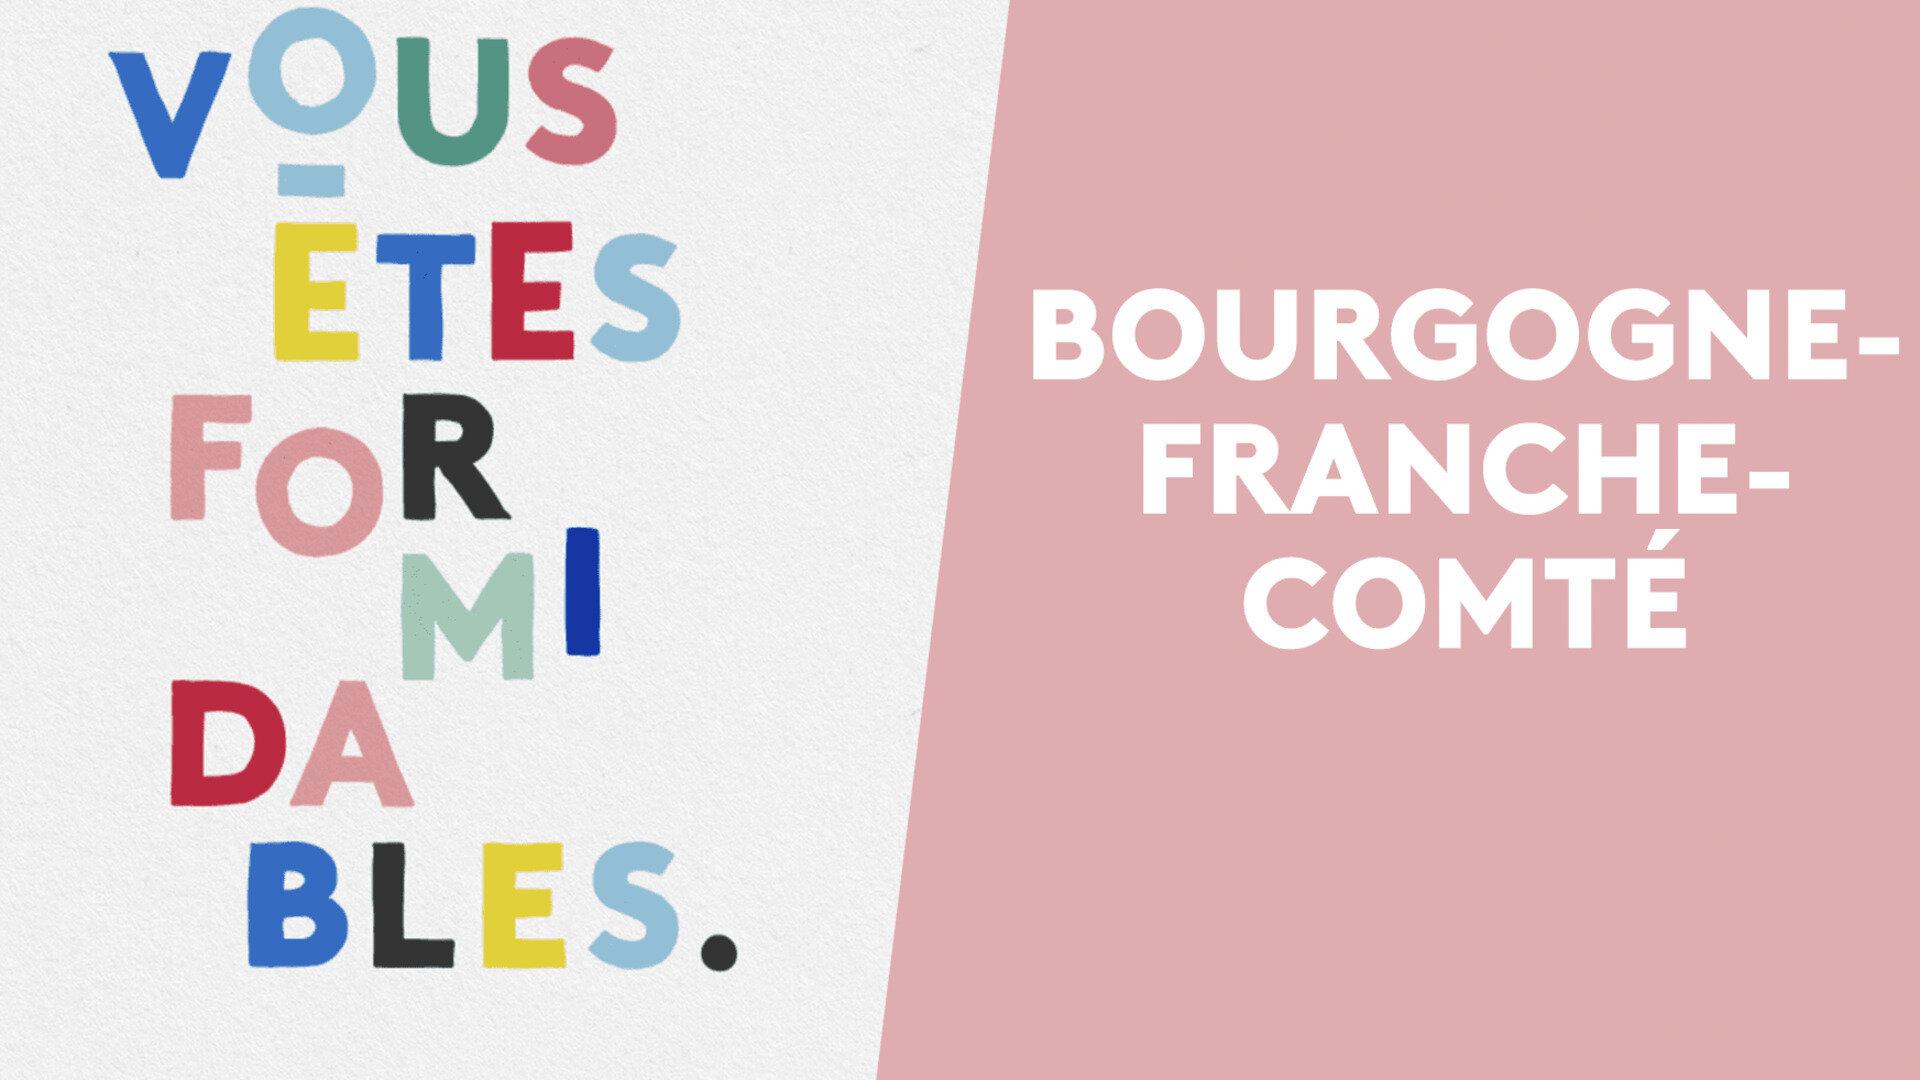 Vous êtes formidables - Bourgogne-Franche-Comté